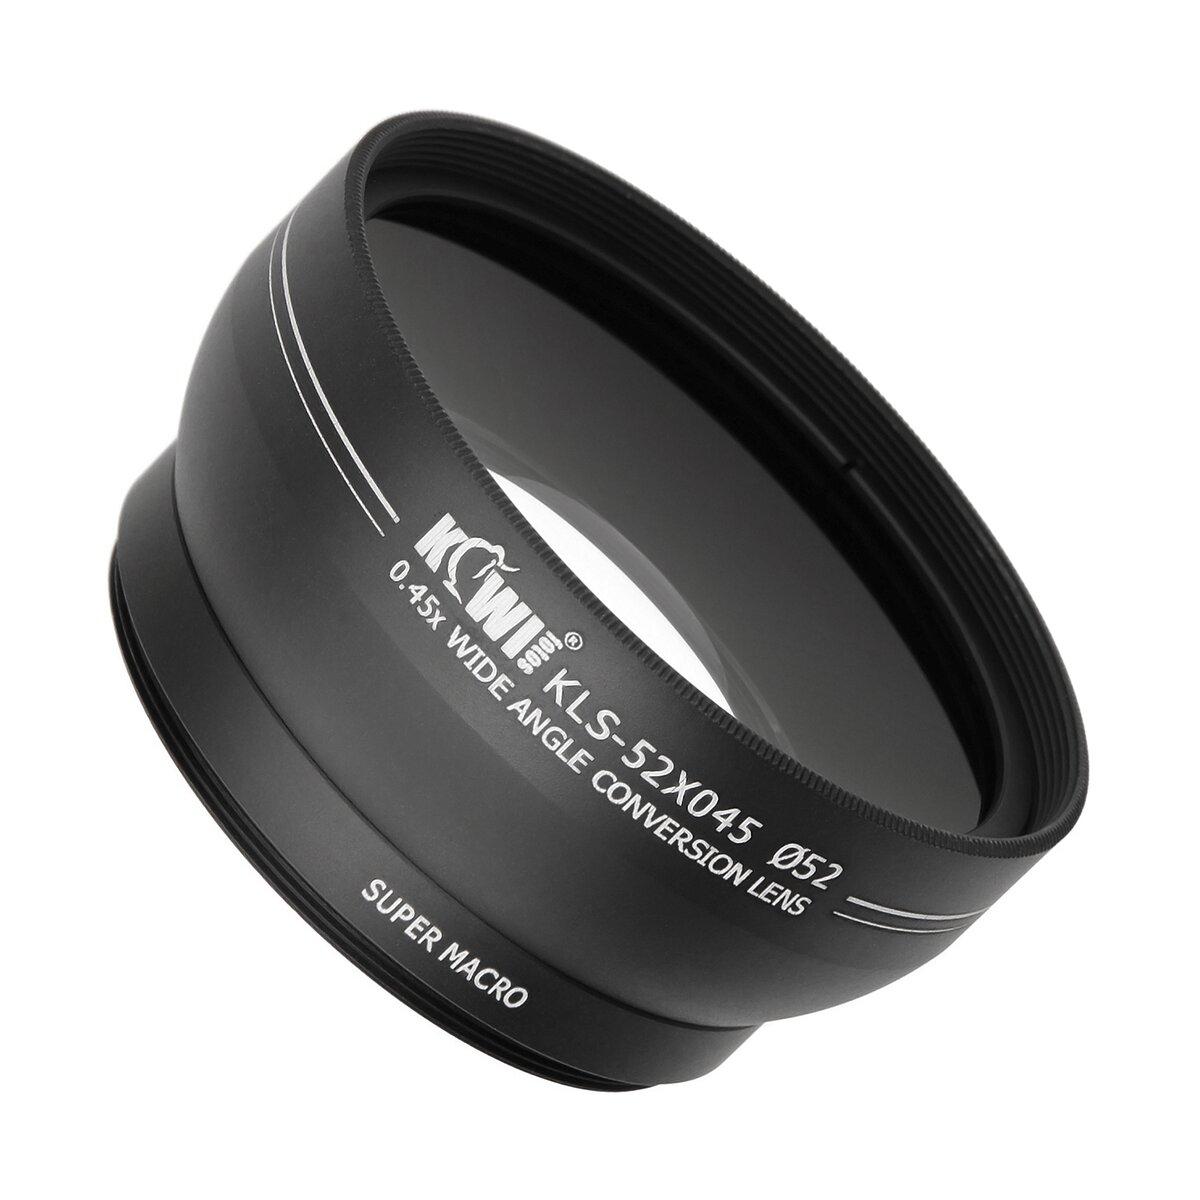 Weitwinkel Vorsatz Weitwinkelobjektiv mit Makrolinse 0.45x Weitwinkel 10x Makro geeignet für Kamera und Camcorder mit 52mm Anschlussgewinde – Kiwi